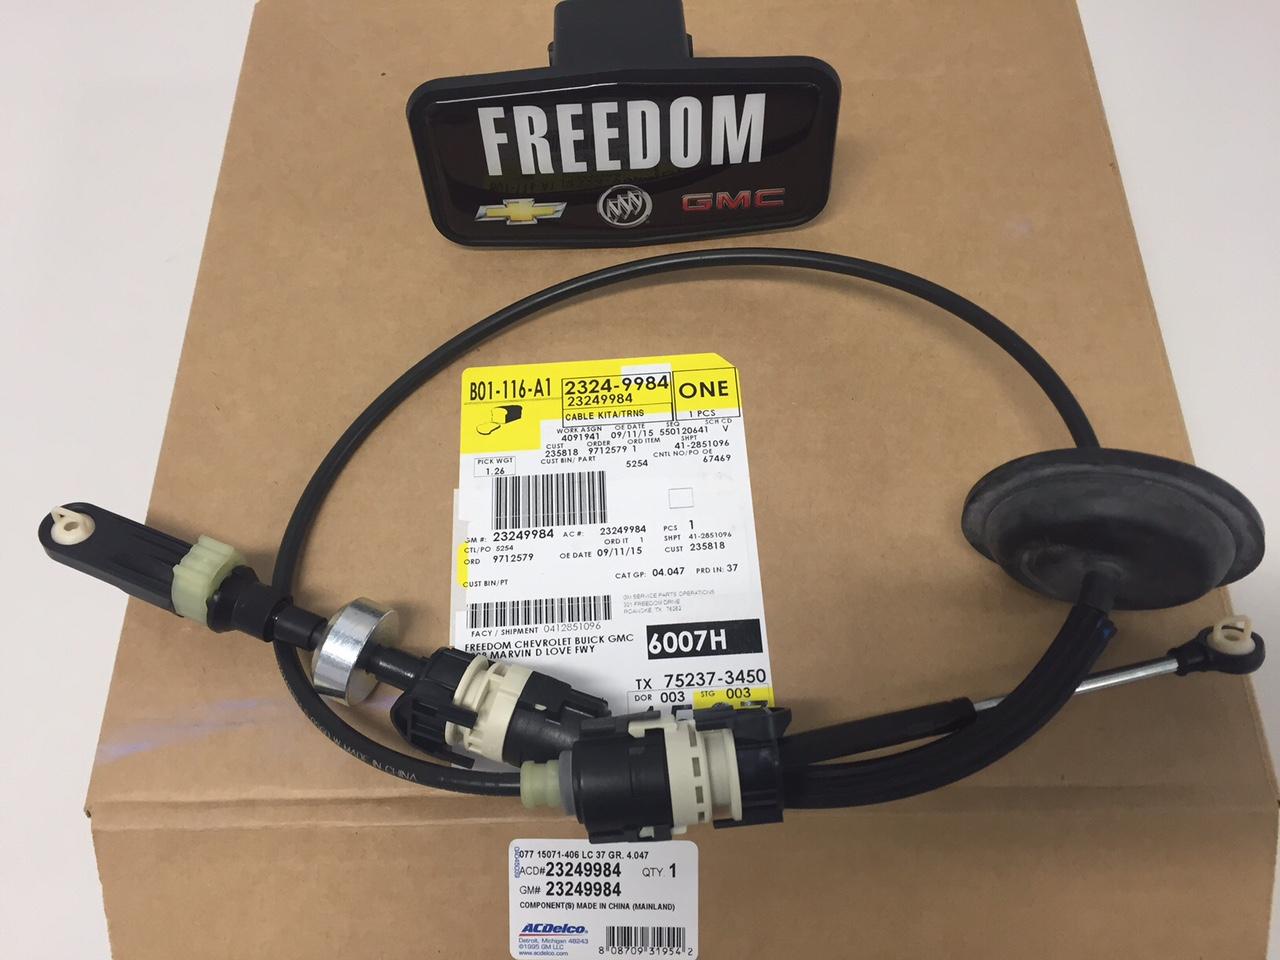 chevrolet gm oem malibu transmission gear shifter shift control cable 23249984 ebay. Black Bedroom Furniture Sets. Home Design Ideas